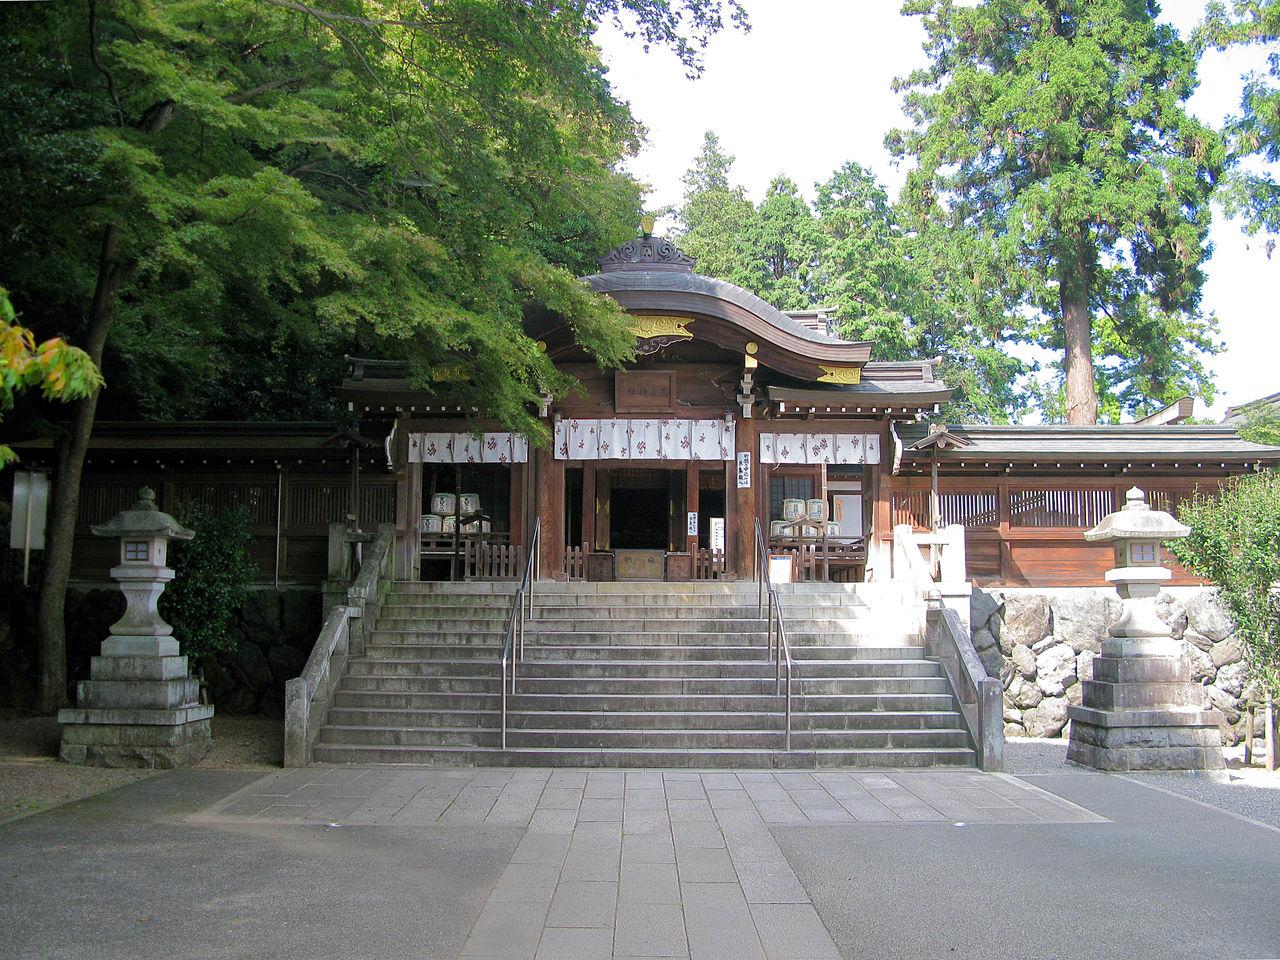 高麗神社 - Wikipedia